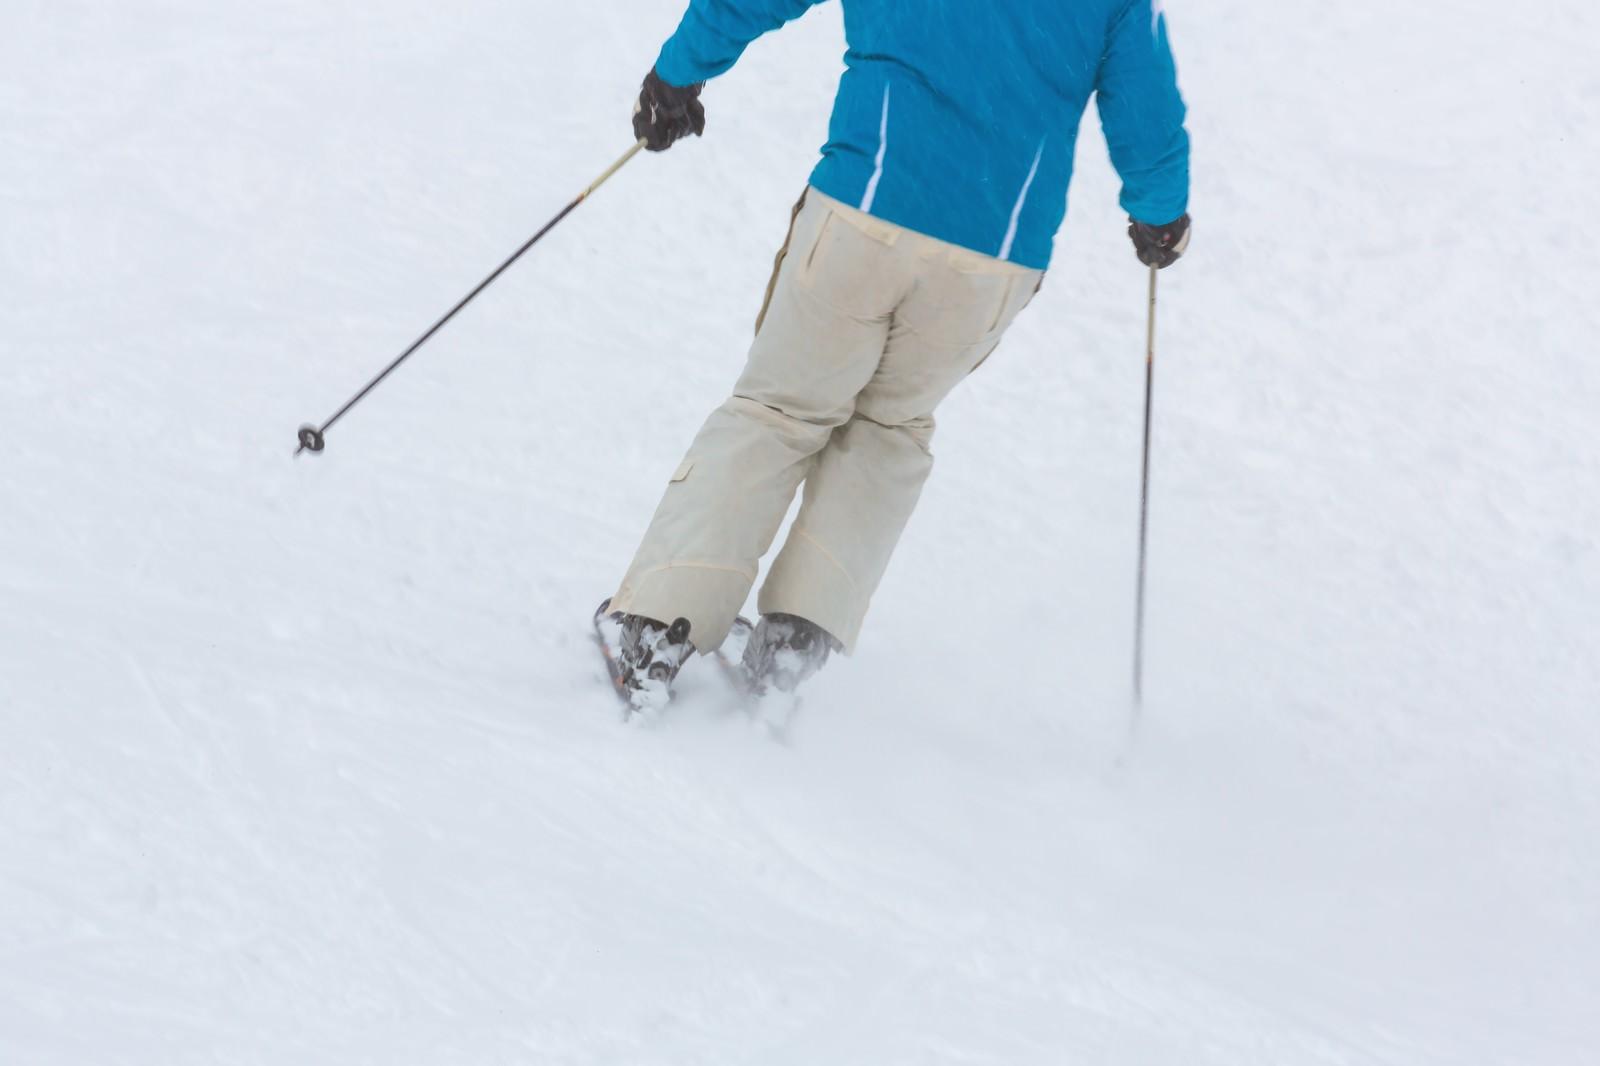 「ゲレンデでスキー」の写真